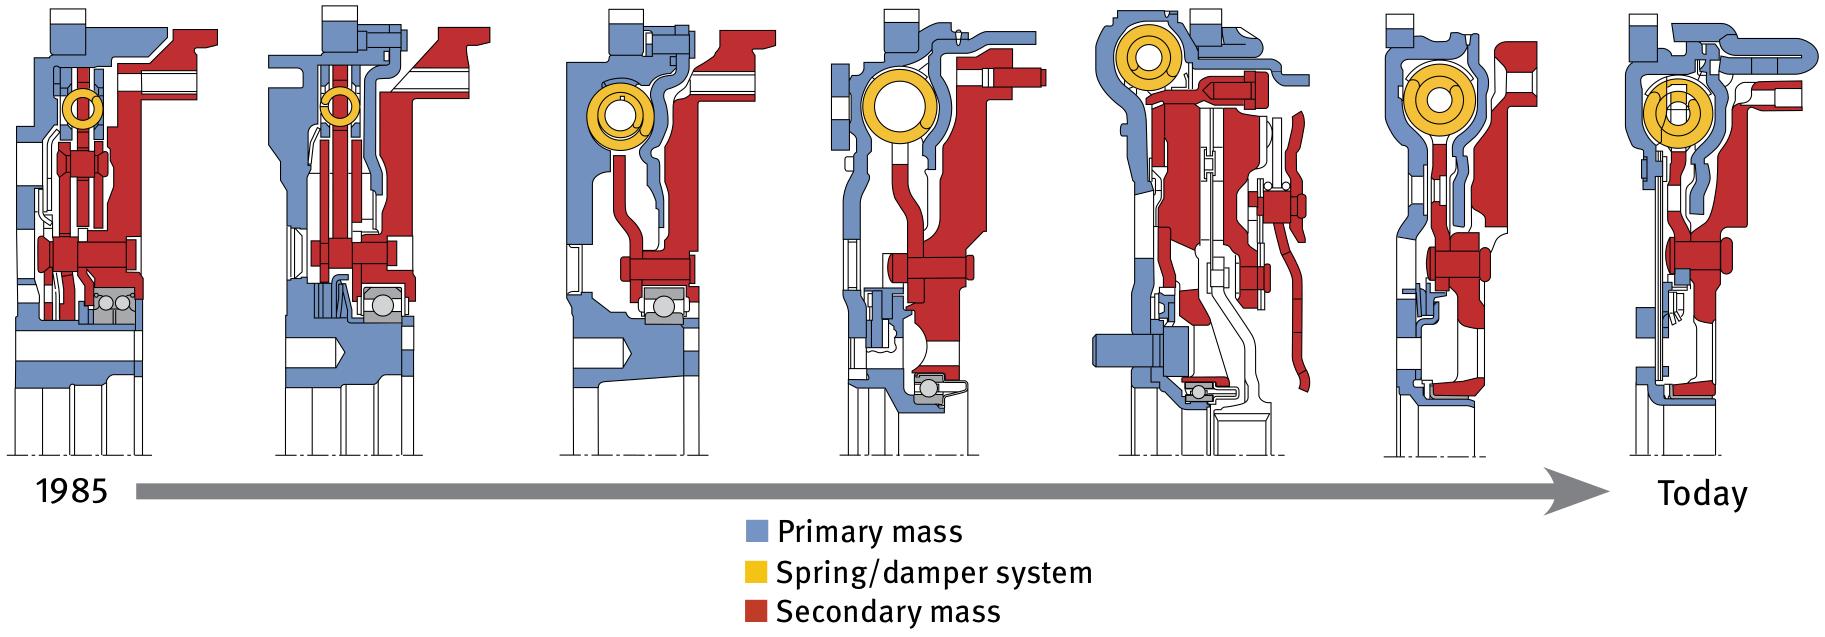 DMF design evolution